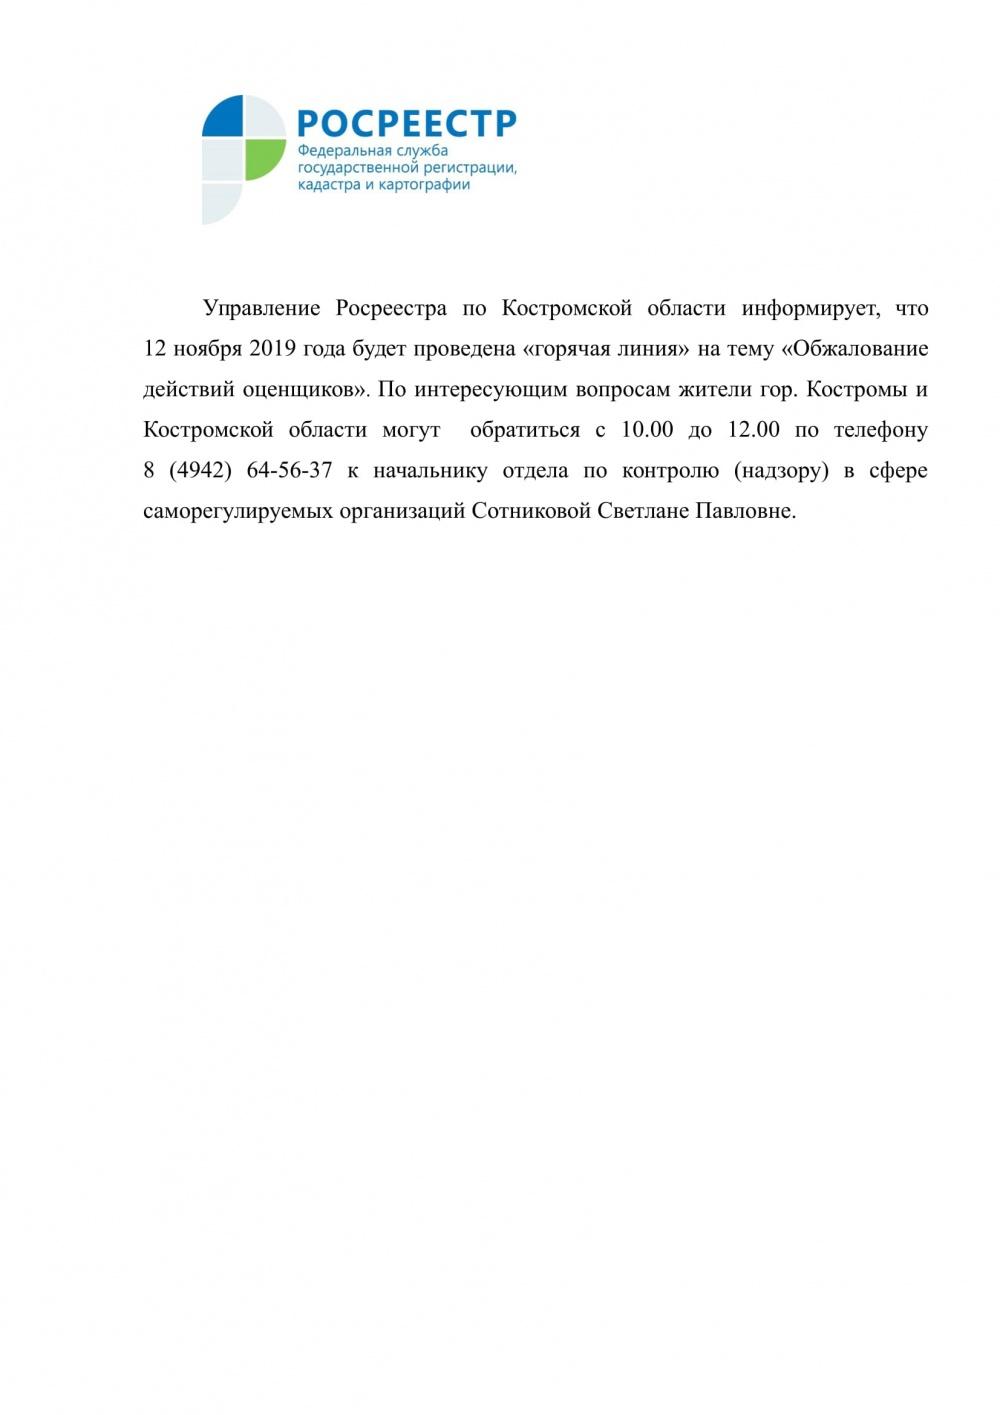 Горячая линия Сотникова С.П.